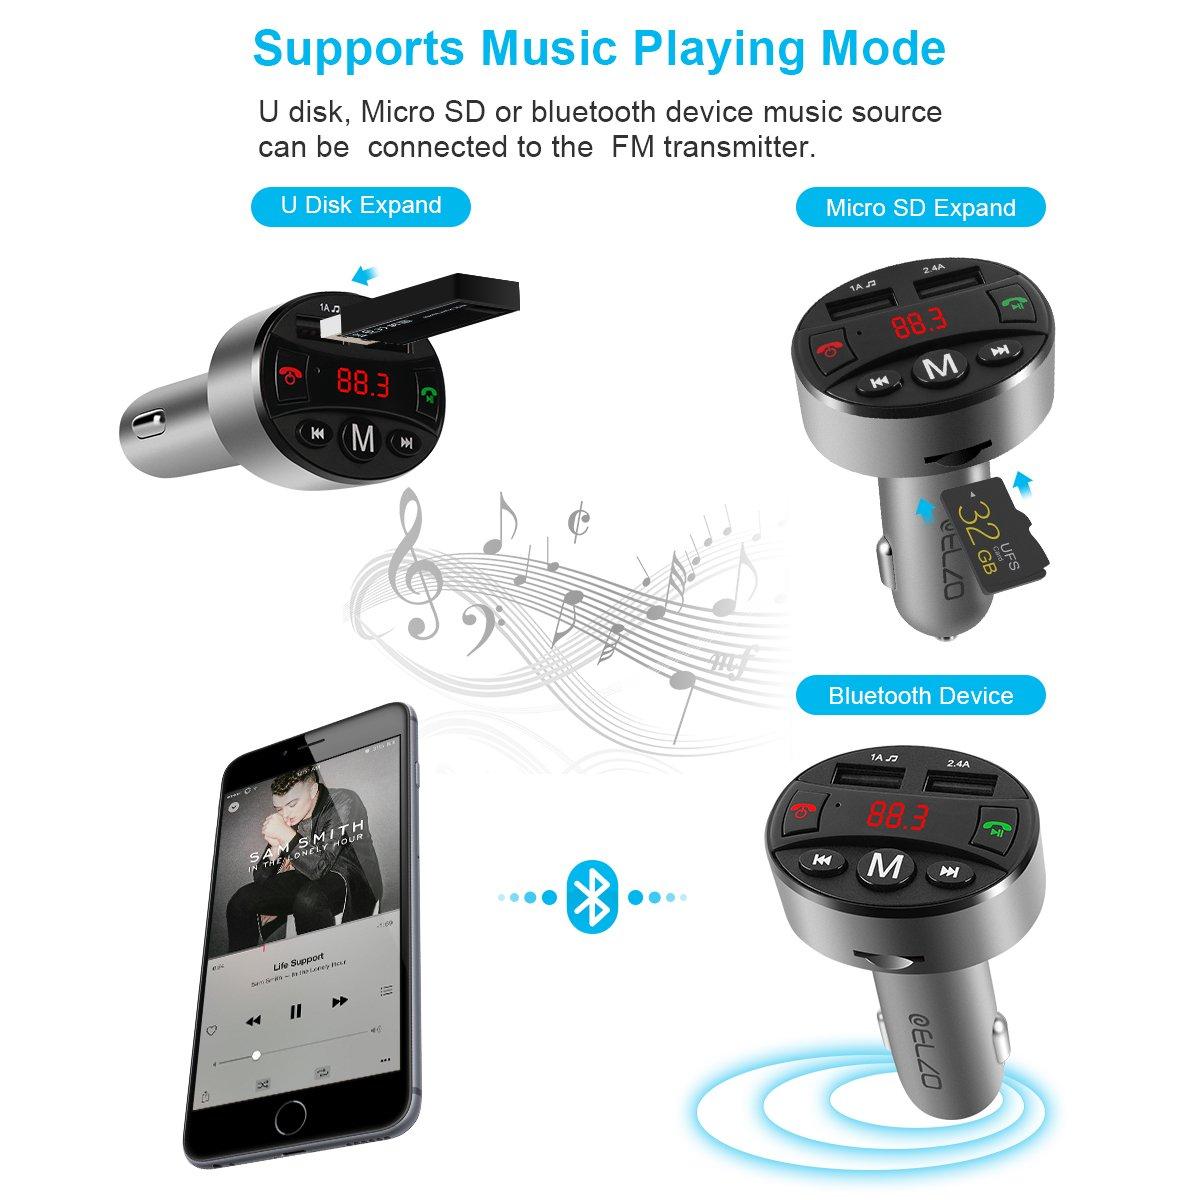 ELZO Auto KFZ Radio Bluetooth Adapter Freisprecheinrichtung mit Mikrofon Dual USB Ladeger/ät 5V//2.4A Bluetooth FM Transmitter Silber LED Anzeige Unterst/ützt USB- Stick f/ür iOS und Android Ger/äte